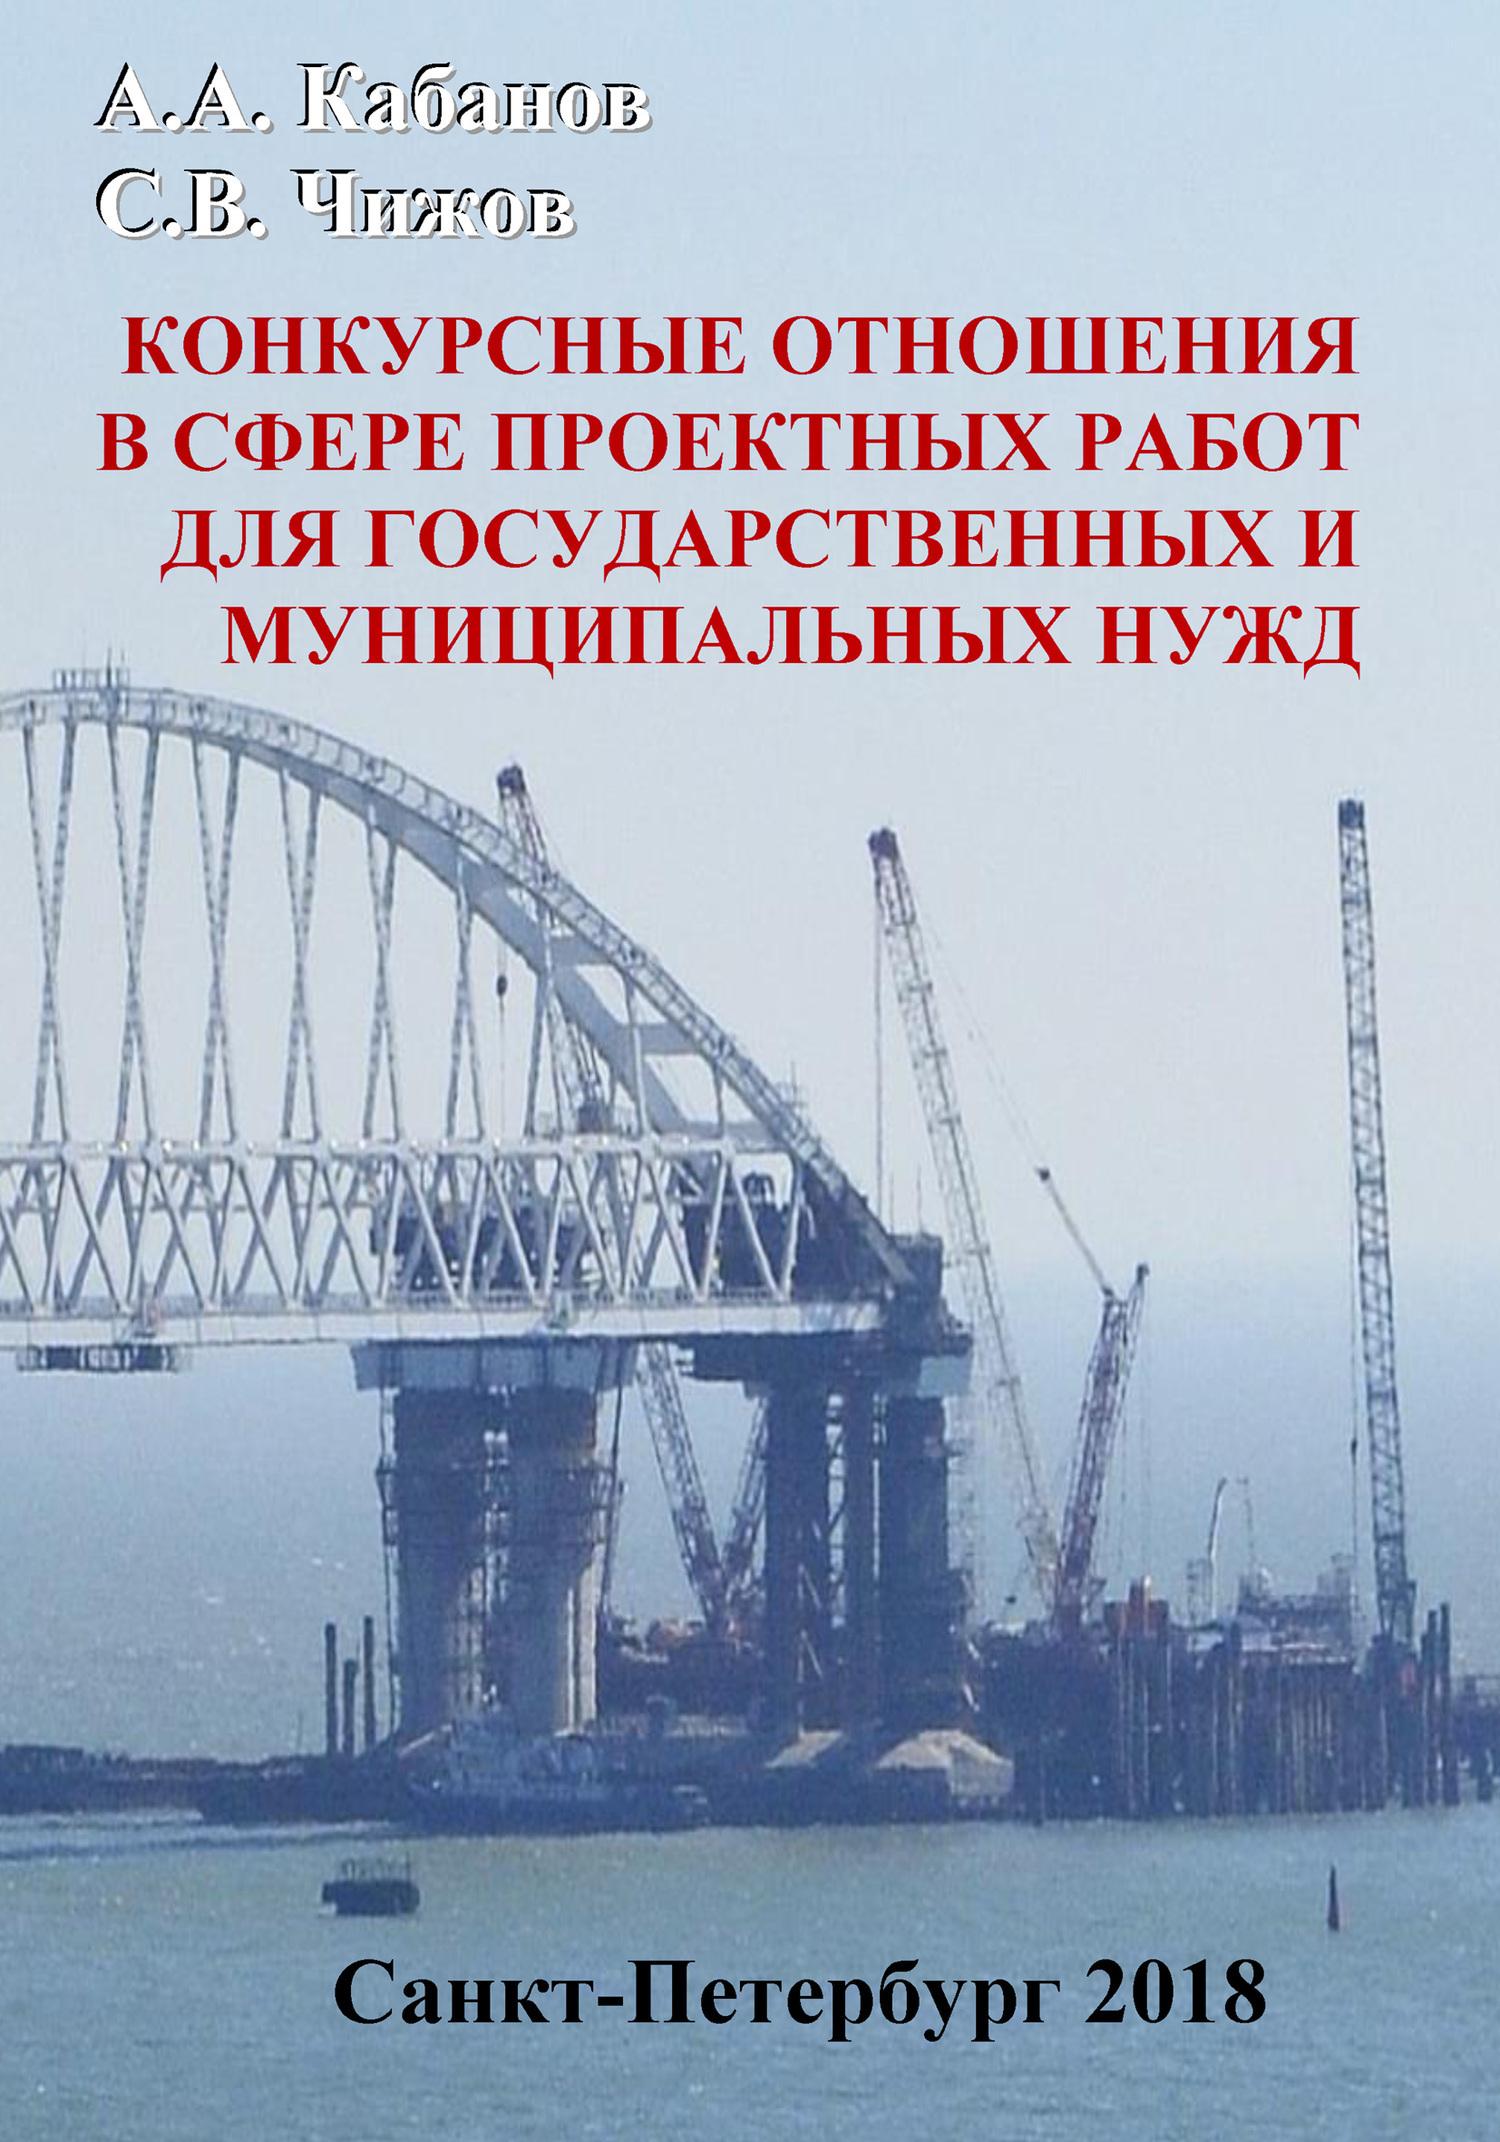 Обложка книги. Автор - Андрей Кабанов